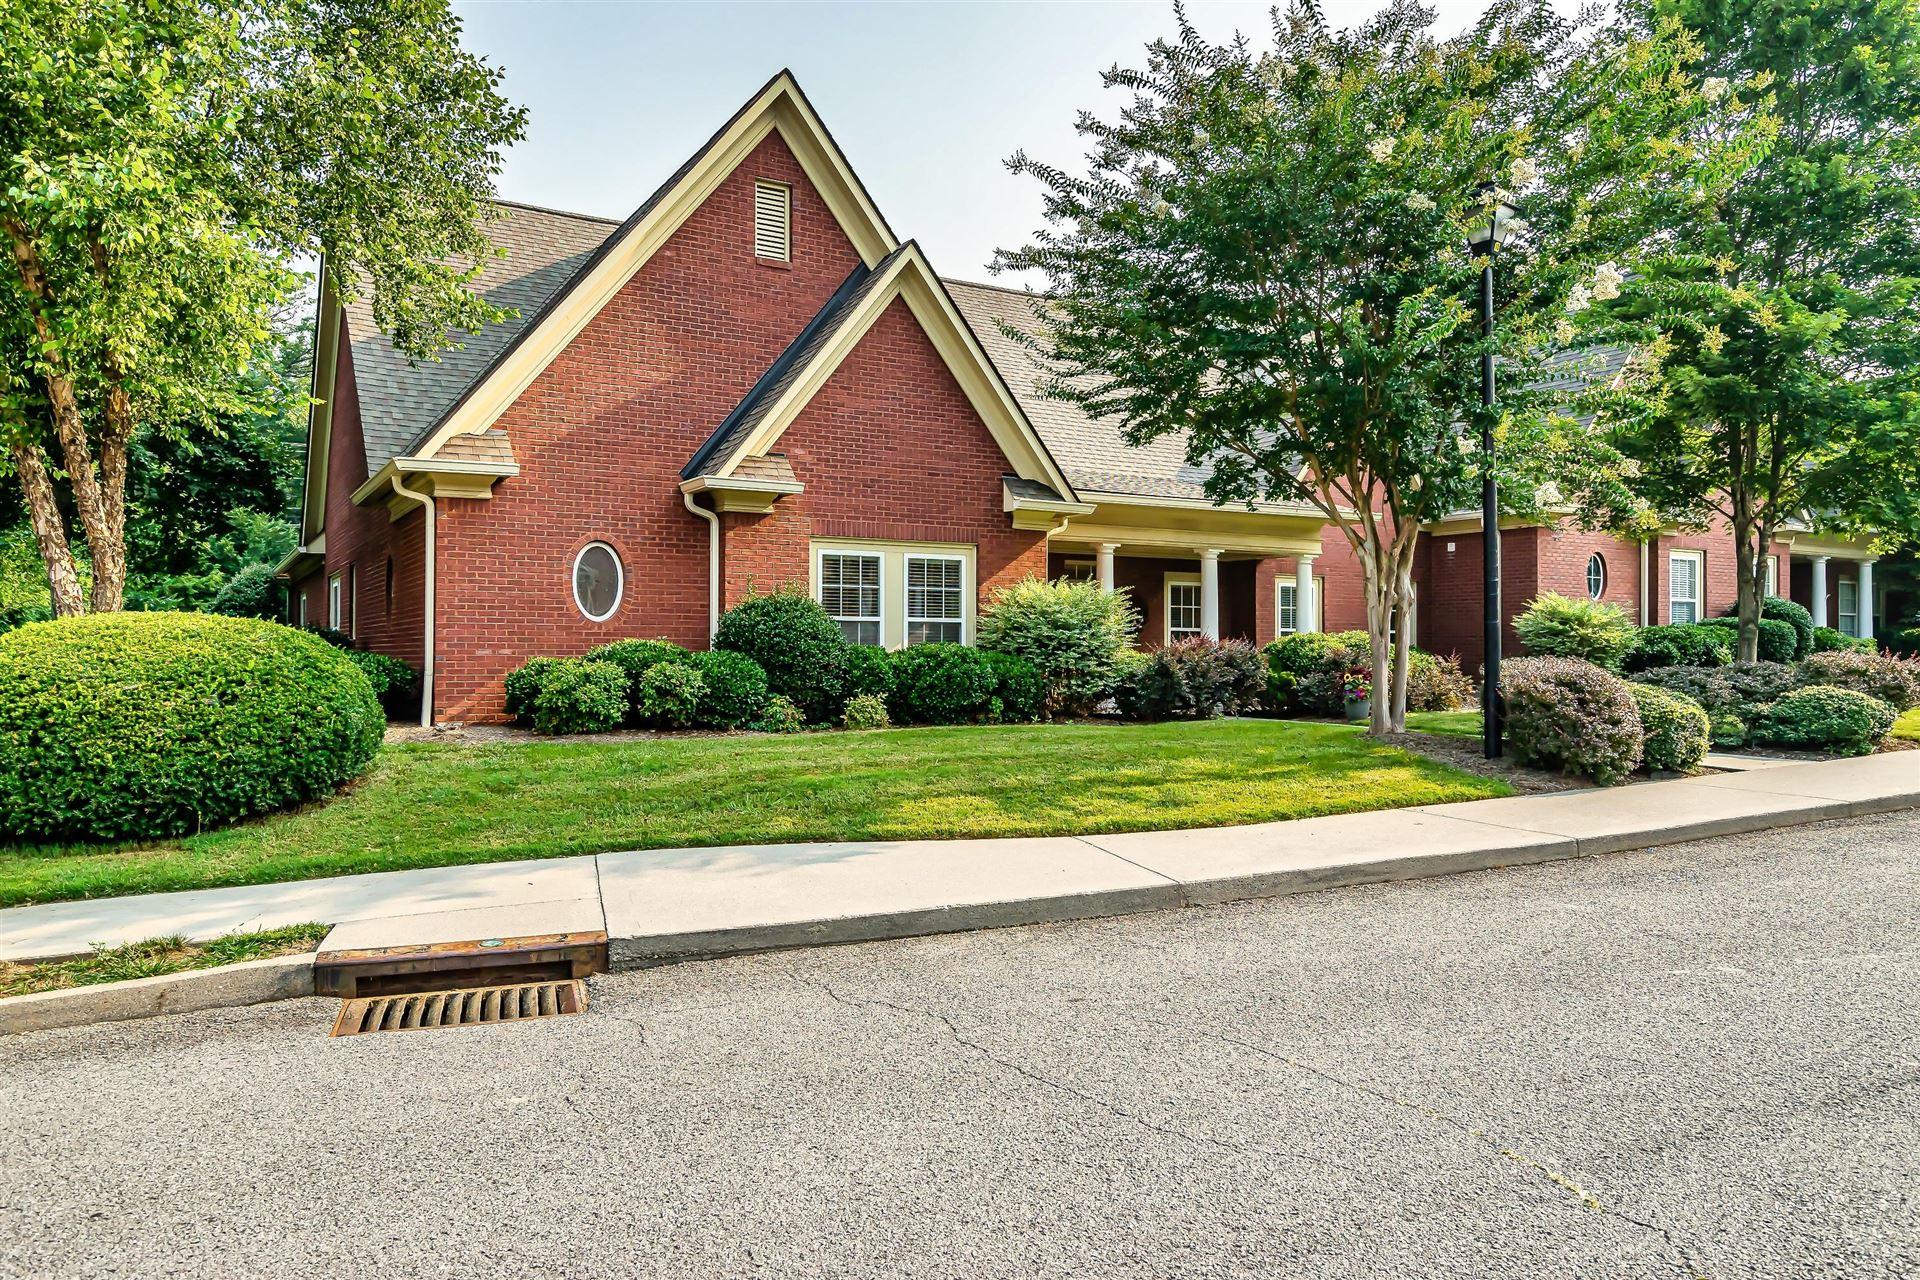 Photo of 12431 Willow Ridge Way, Farragut, TN 37934 (MLS # 1161480)